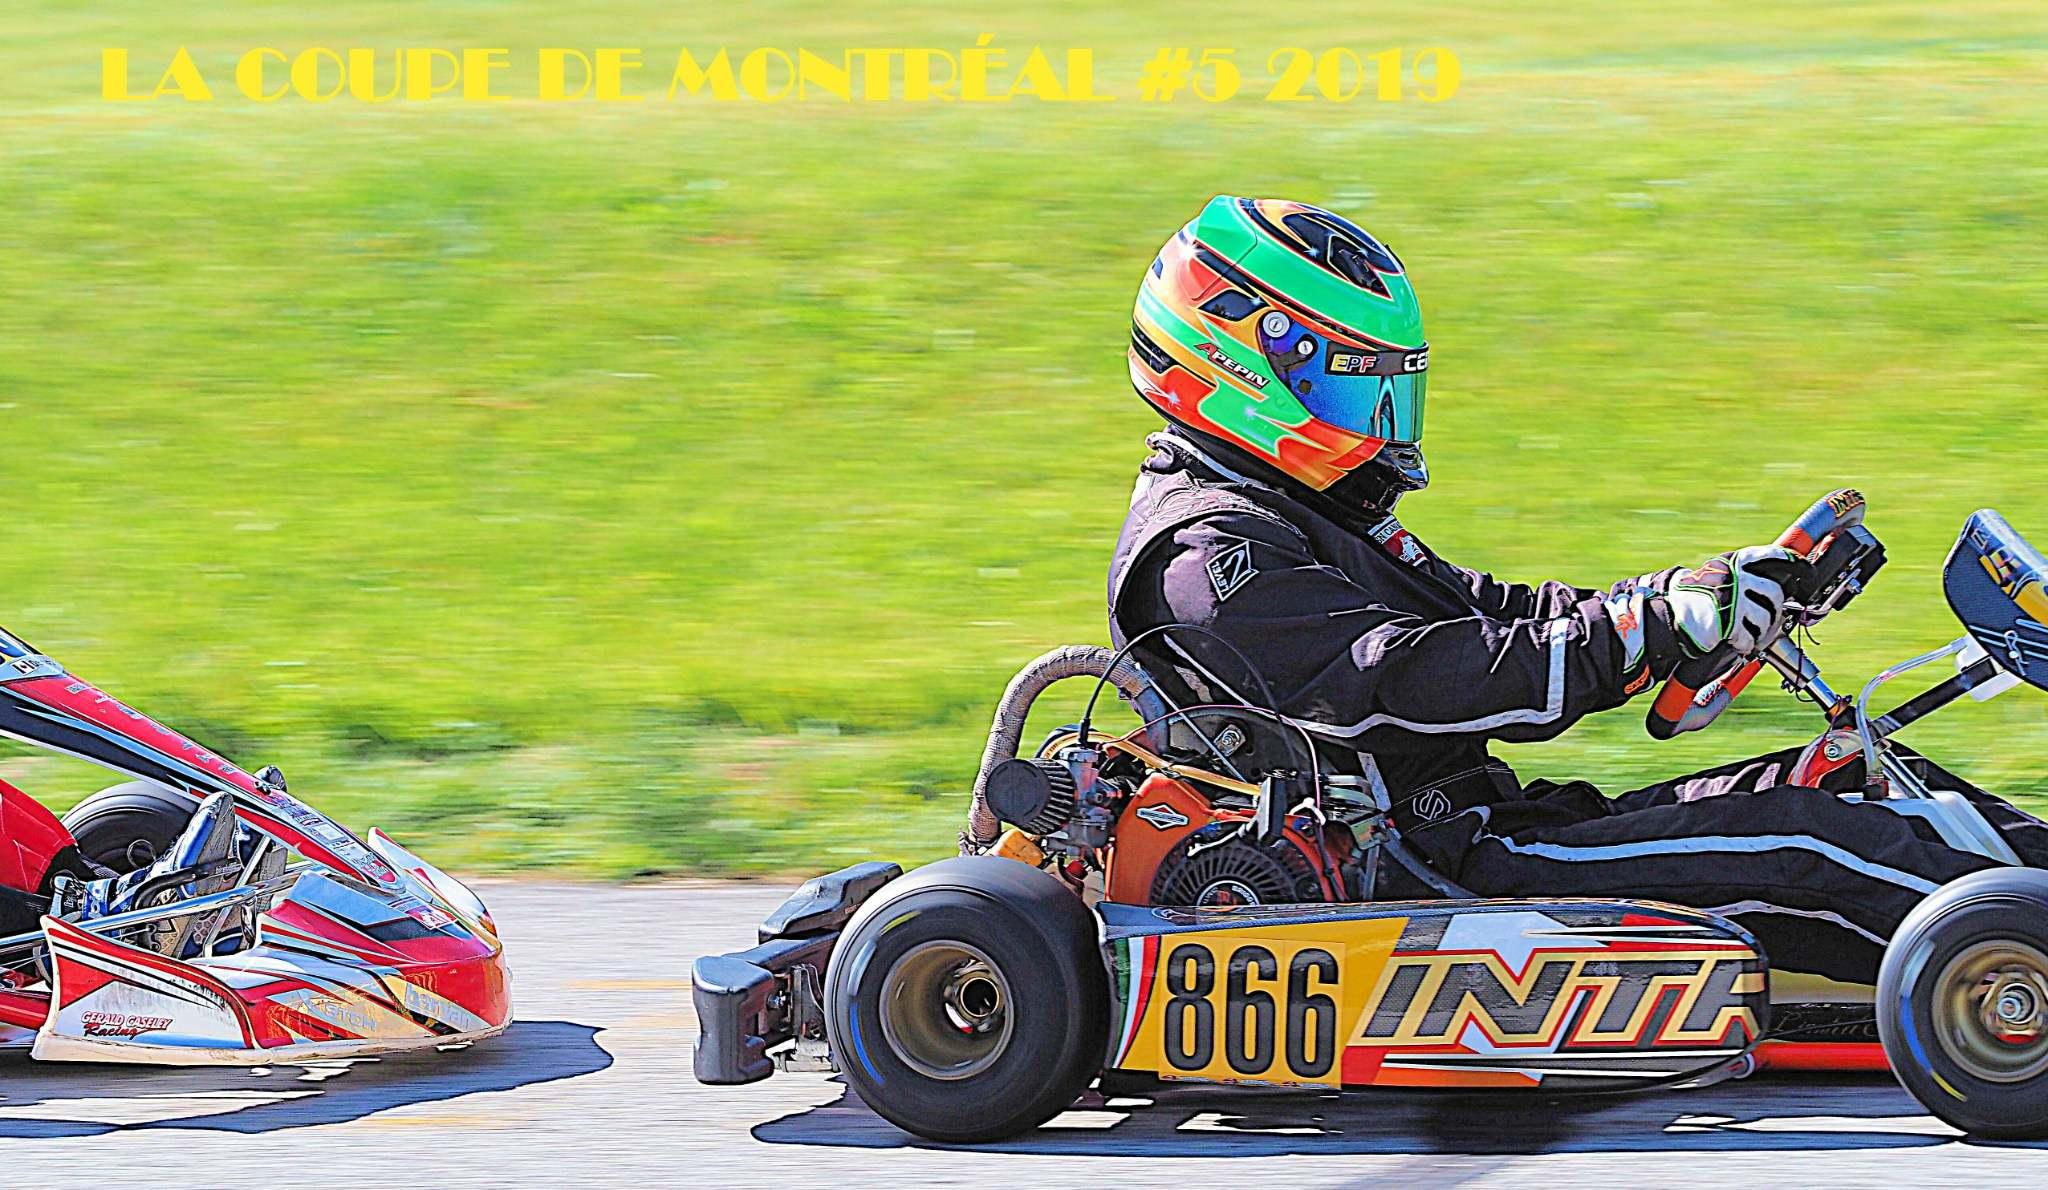 Coupe de montreal #5 SH Karting 2019 photos